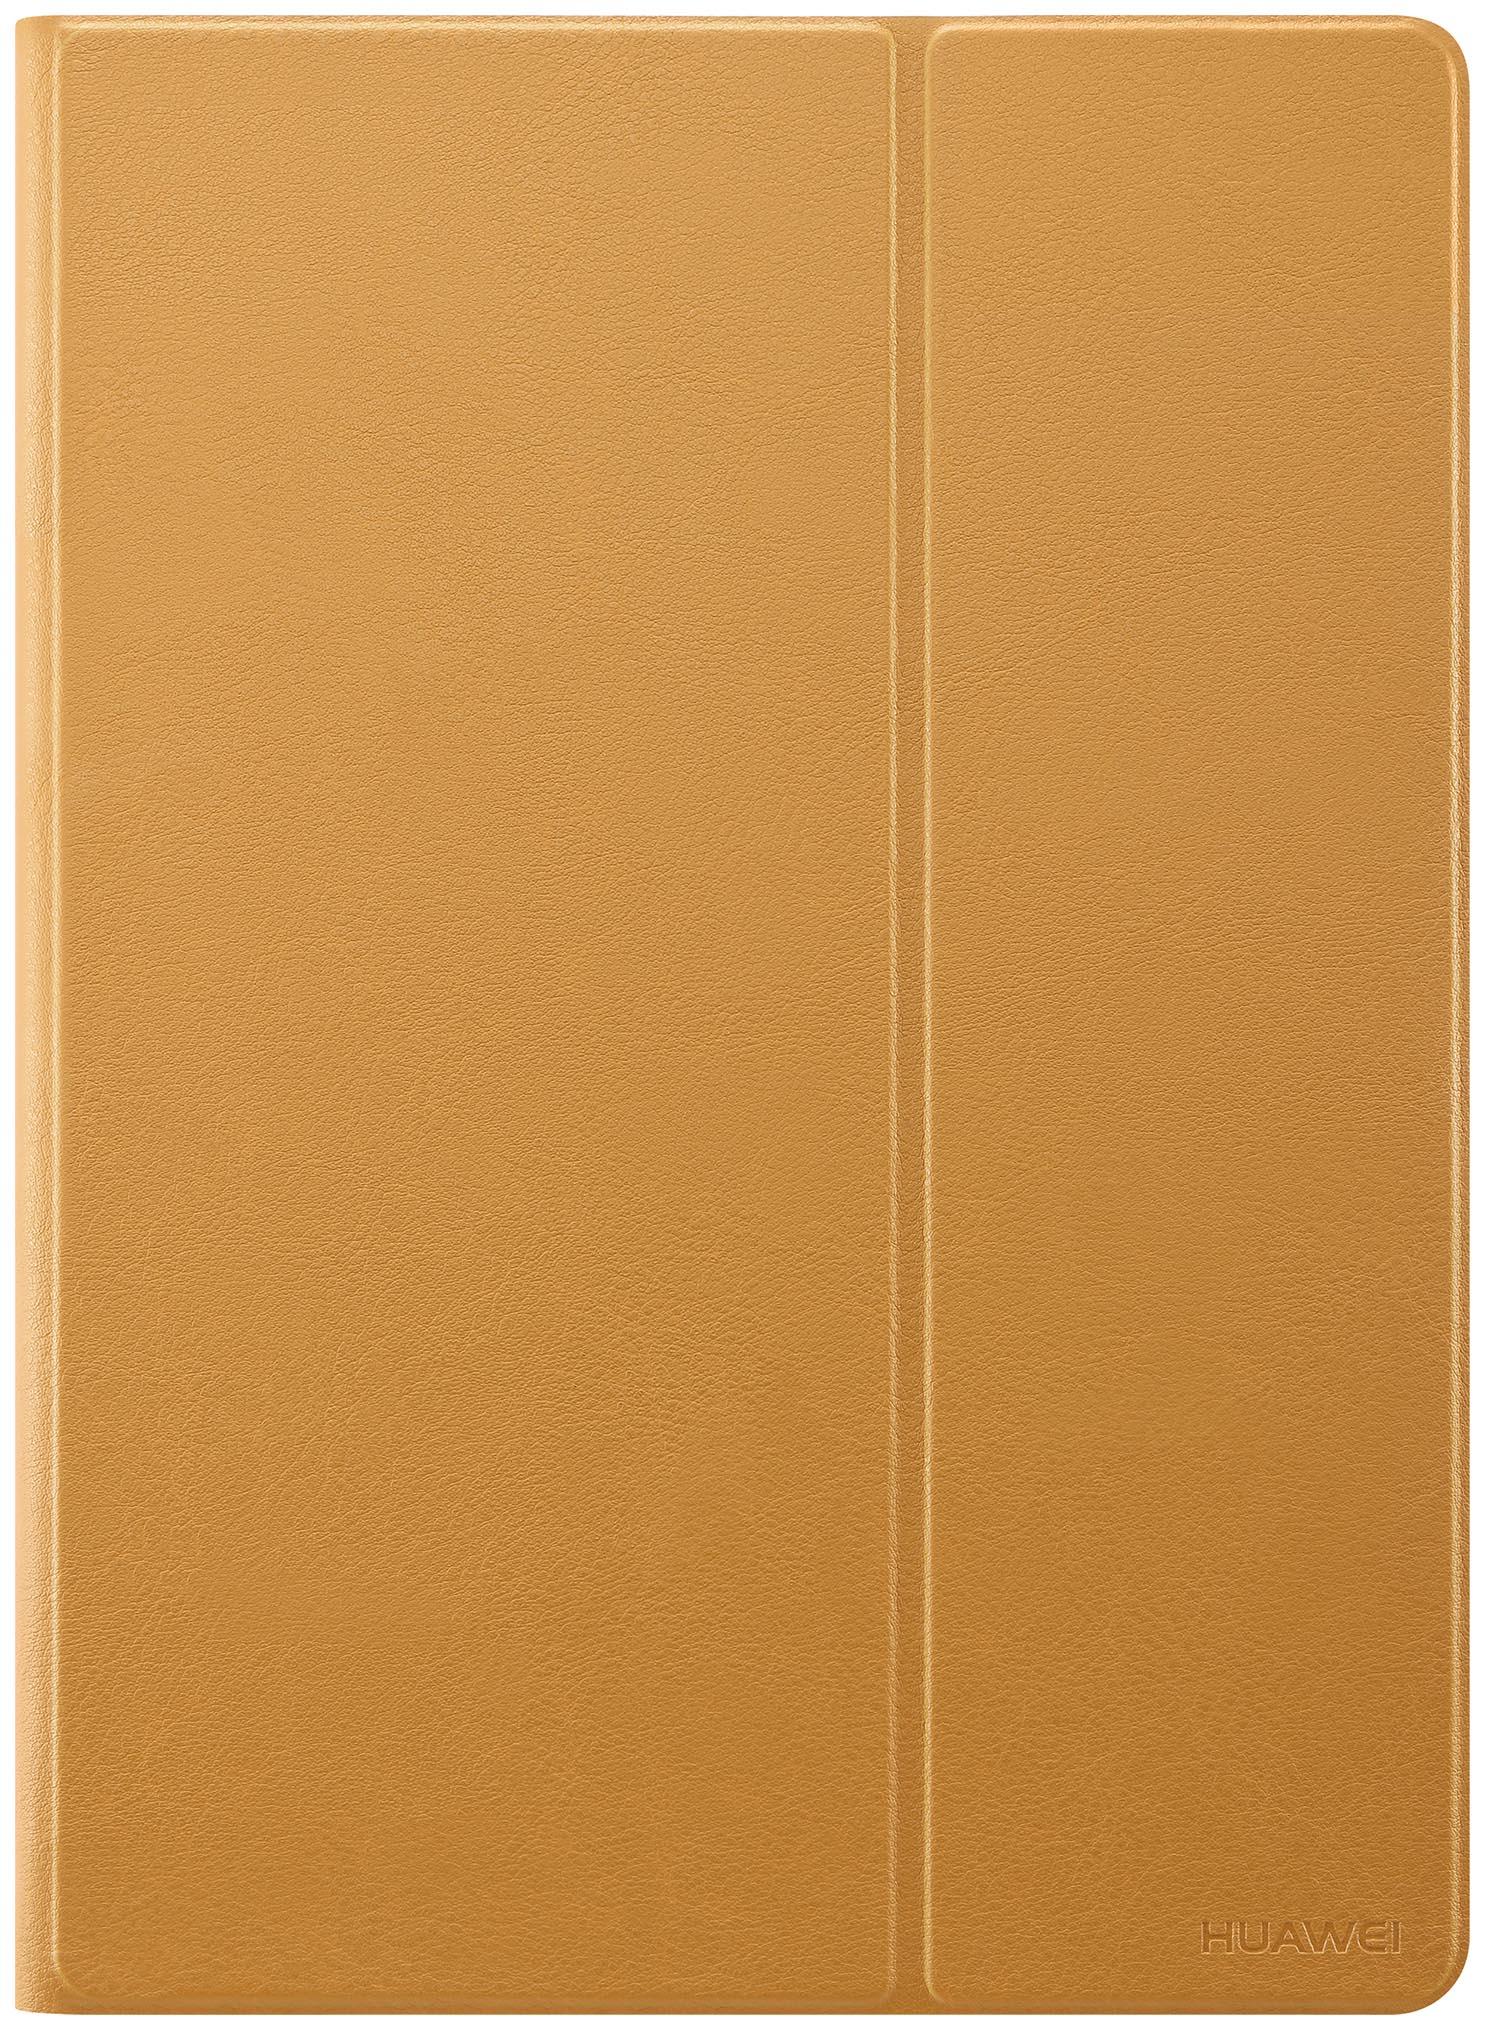 Чехол Huawei для Huawei Mediapad T3 10